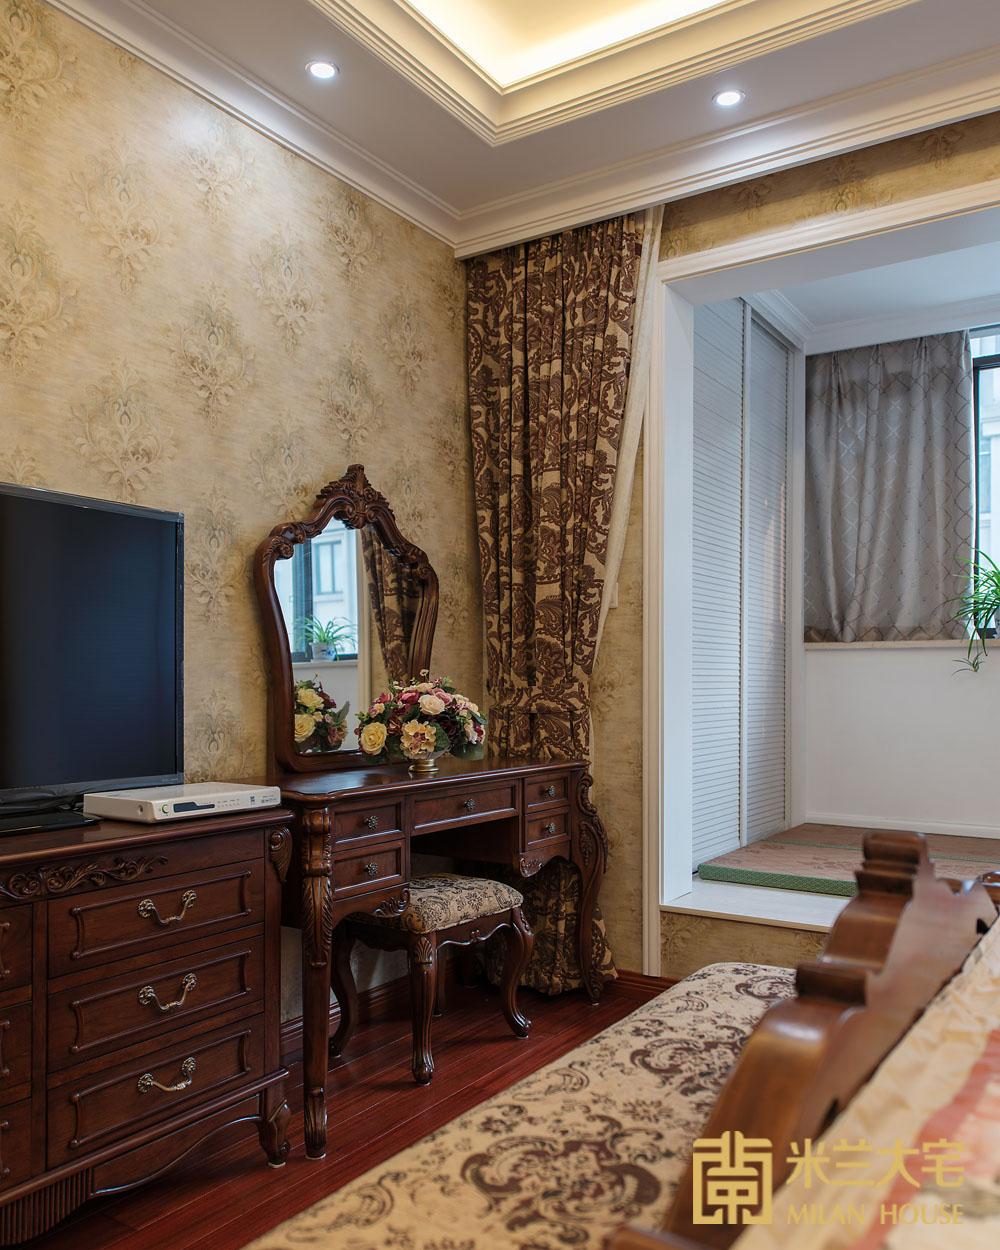 米兰大宅 复式 现代 美式 卧室图片来自米兰大宅设计会所在复式新中式的分享